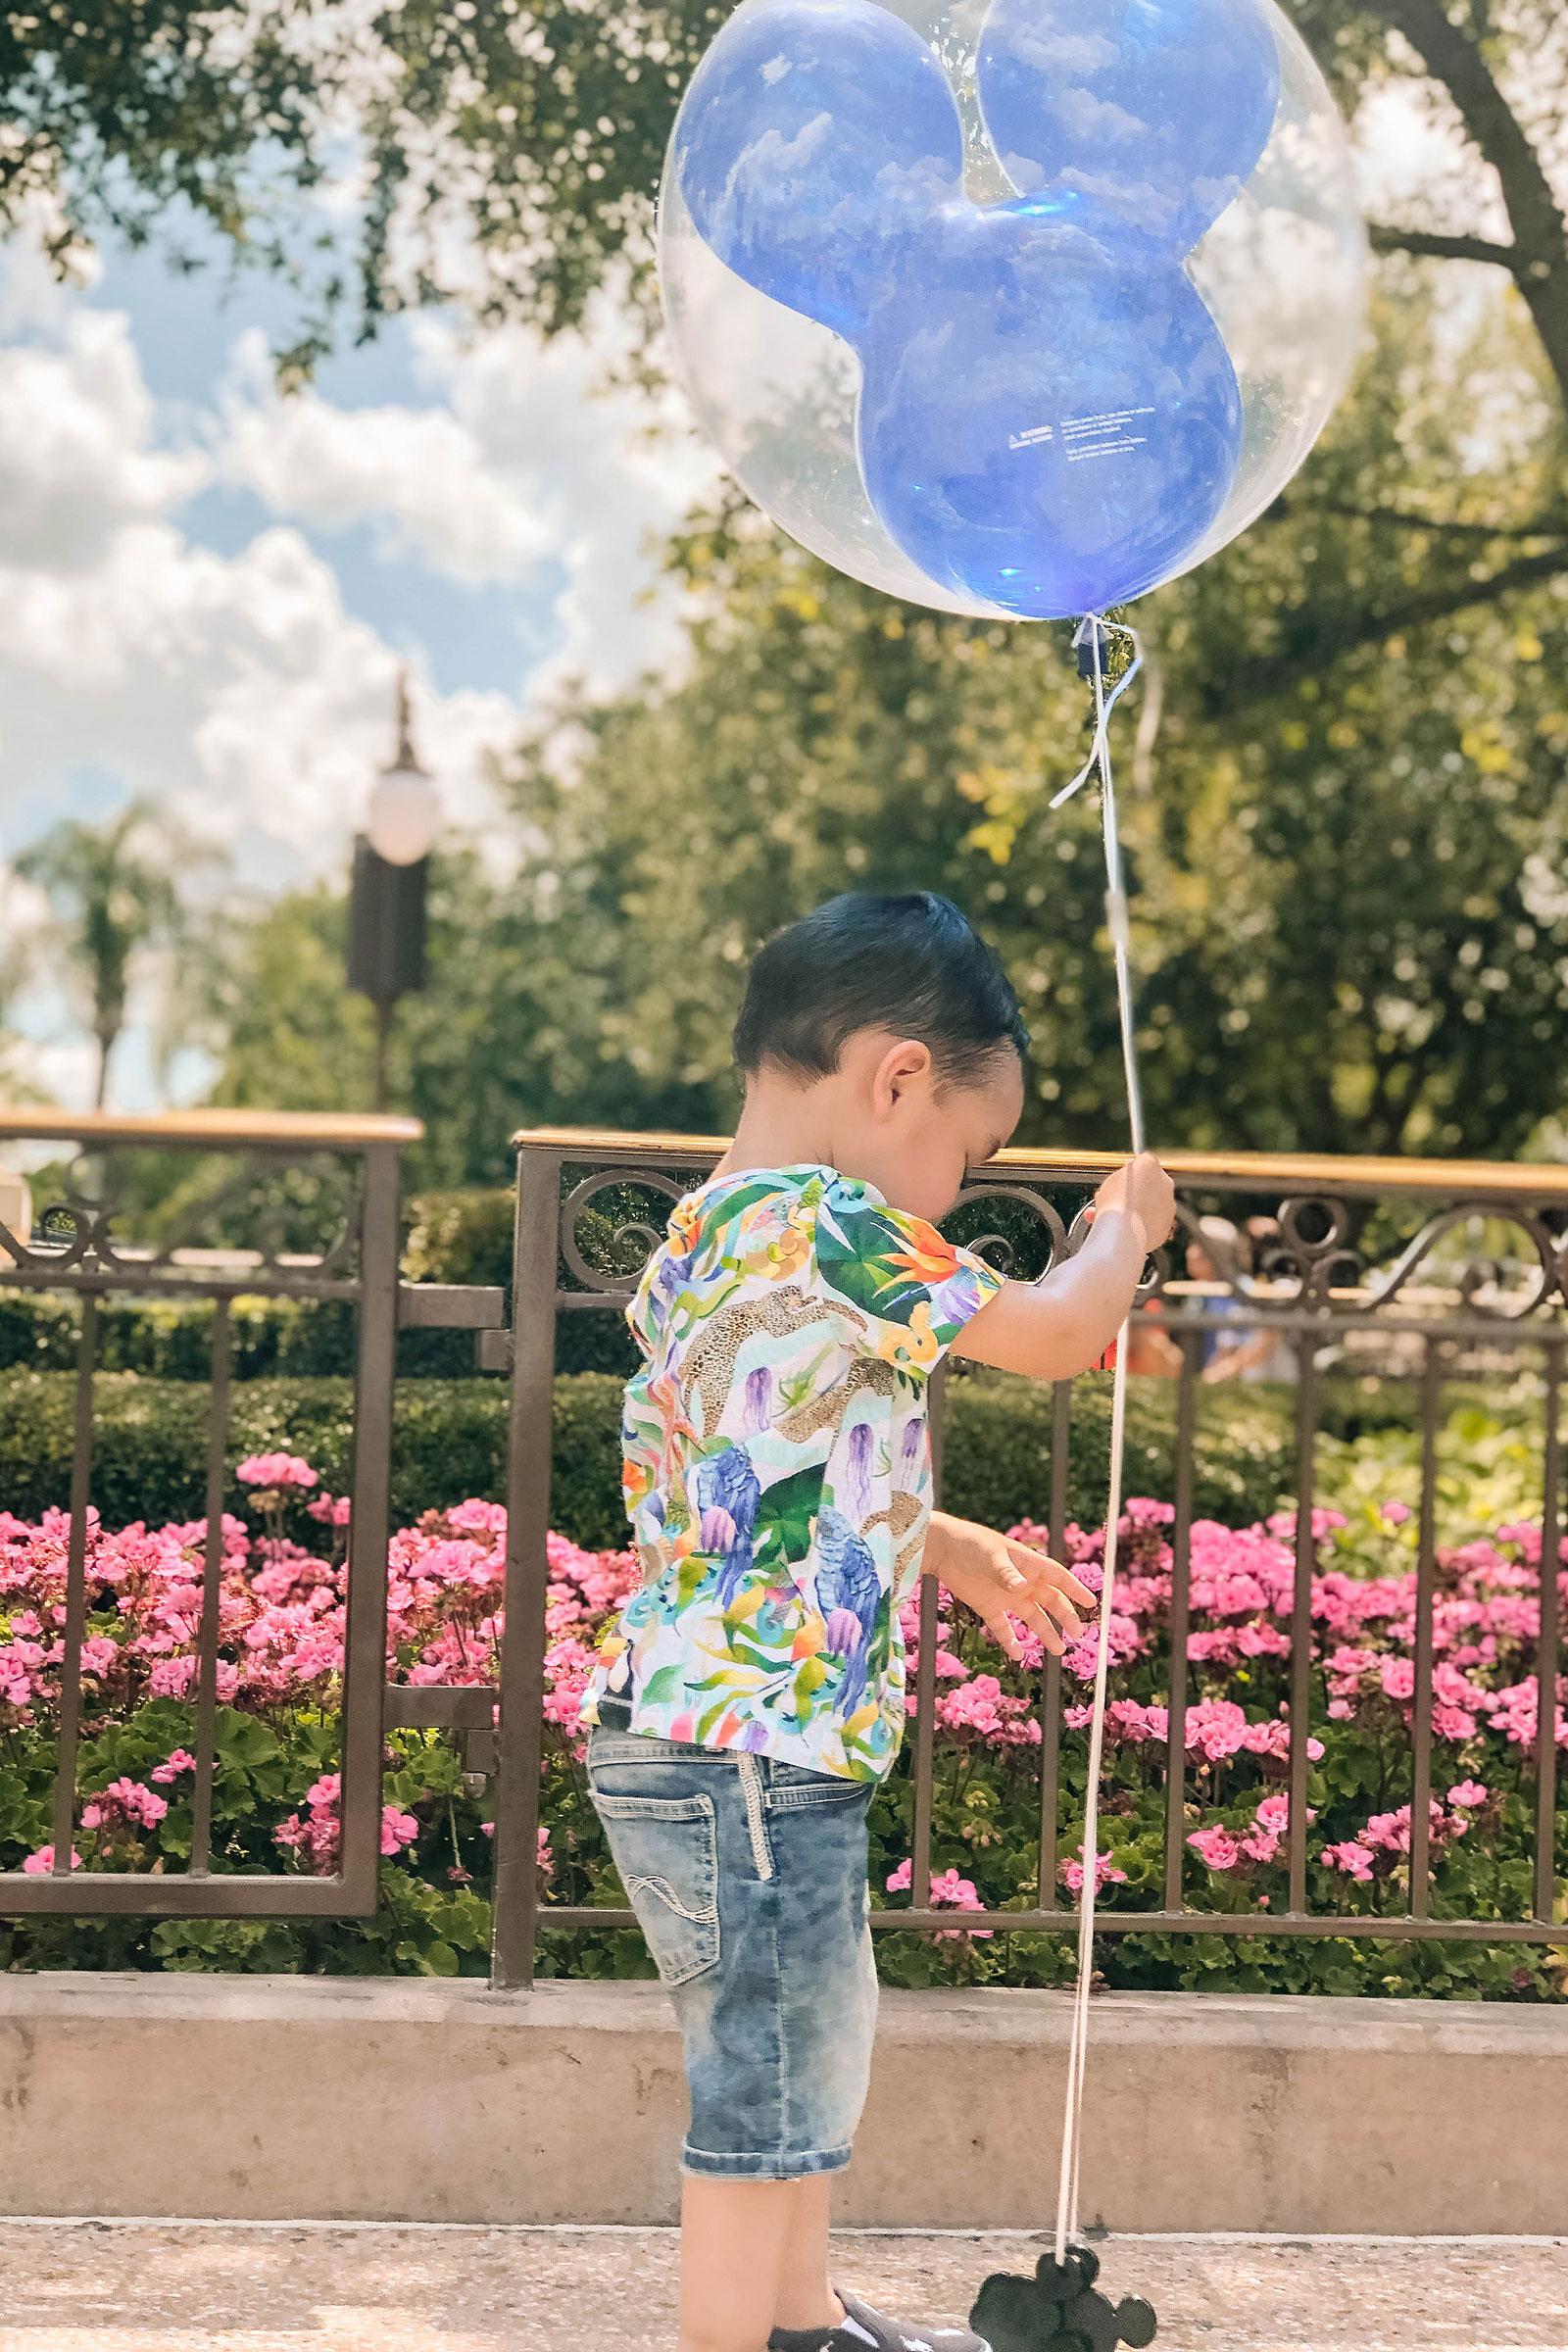 Disney Family Magic: 10 of the Cutest Mickey-Inspired Treats